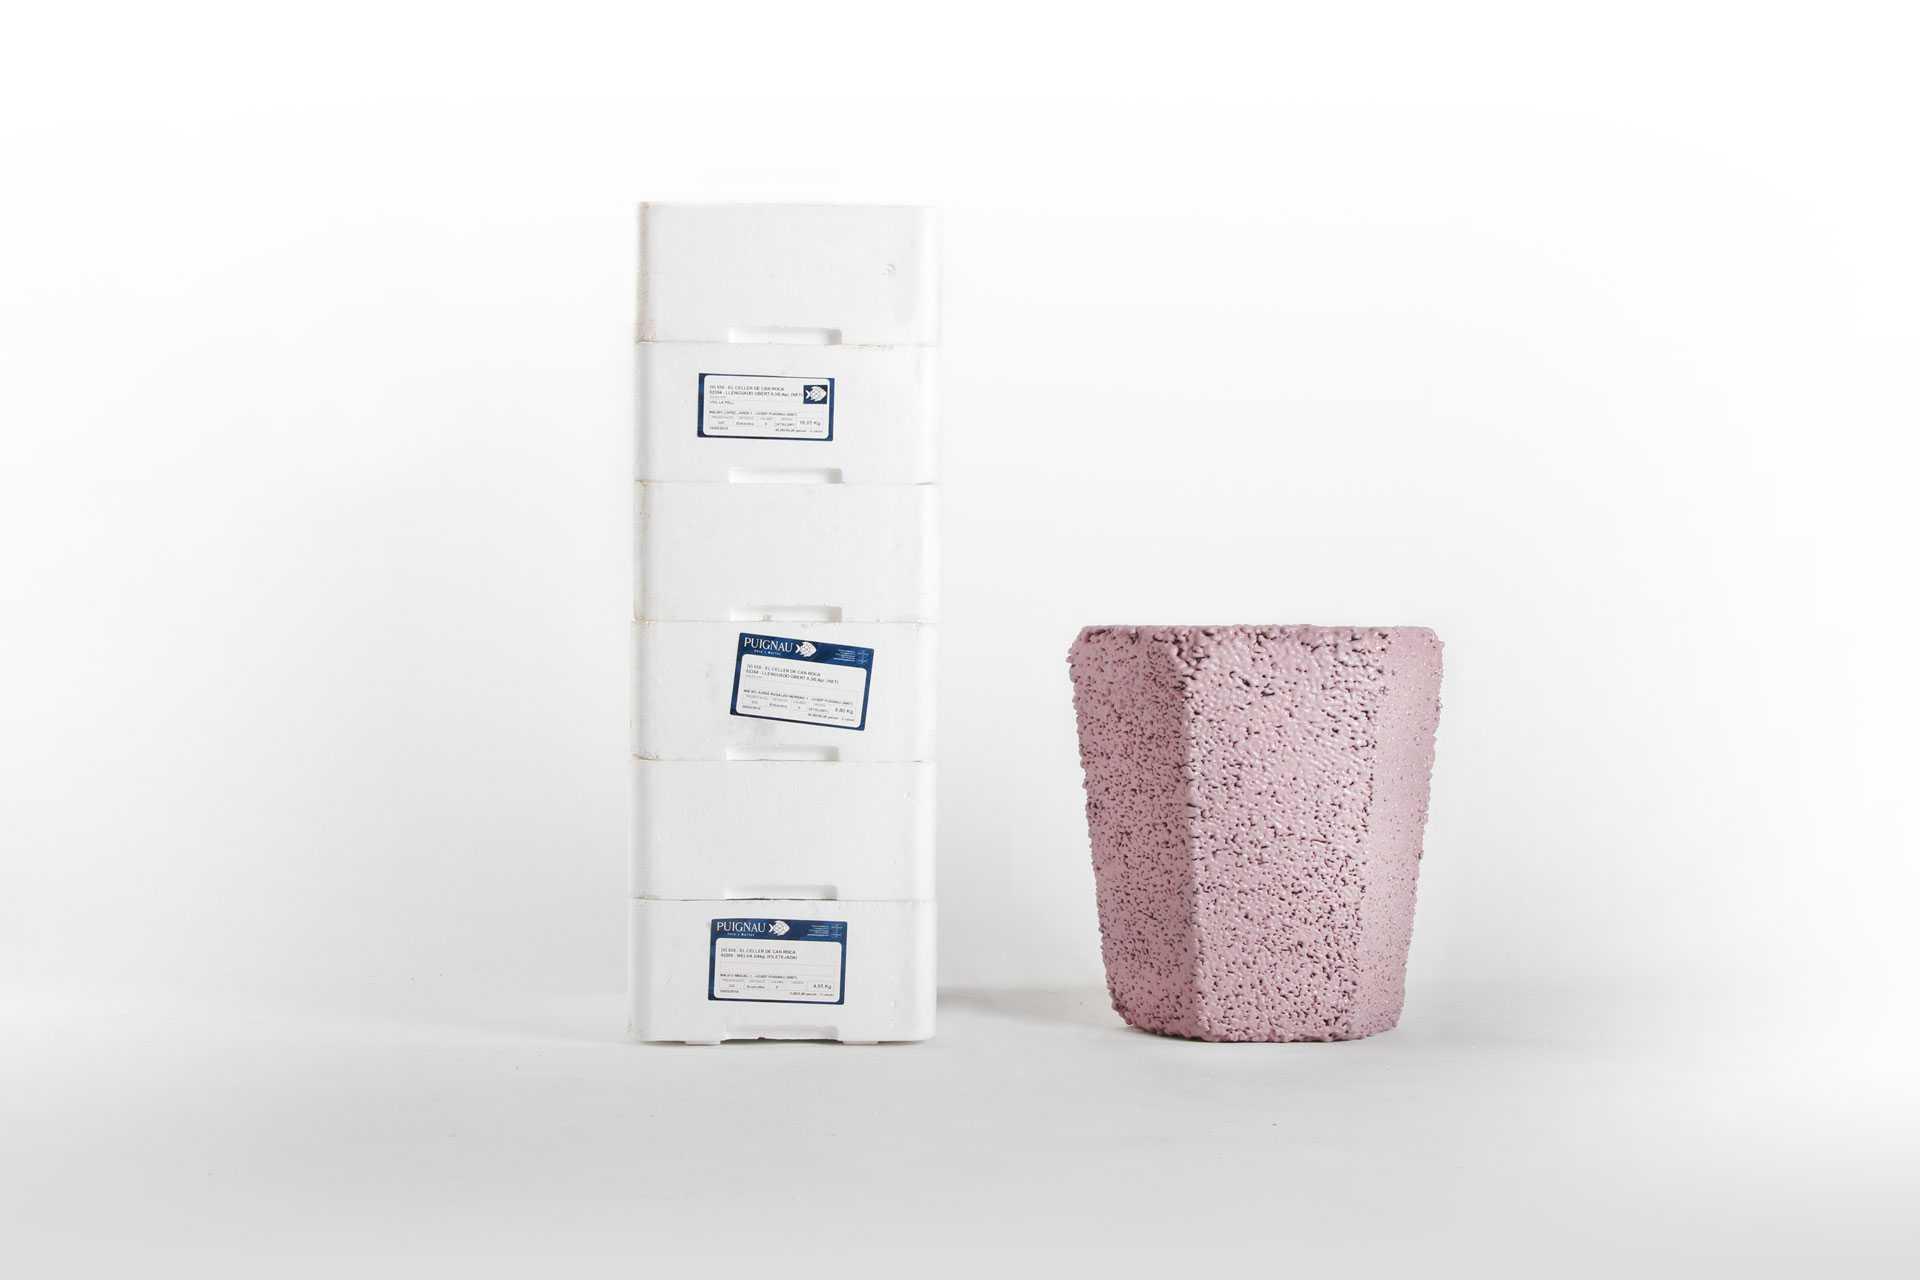 RR201 / Roca Recicla  - 20 07 35